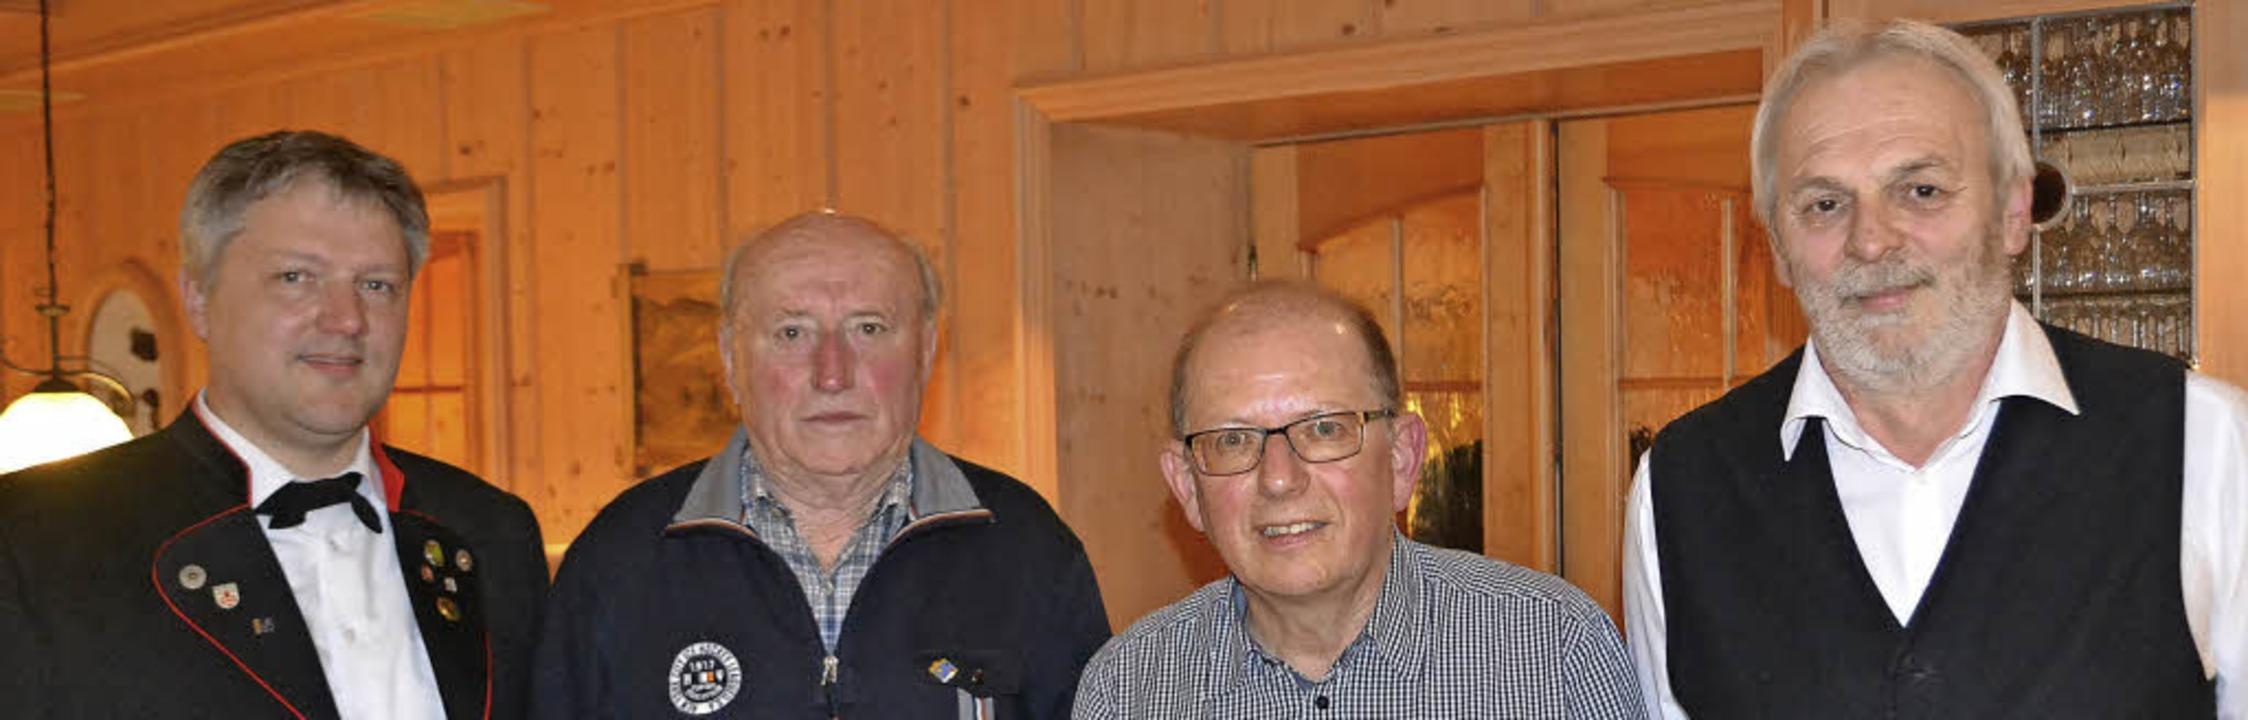 Dieter Geiger (rechts) vom  Markgräfle...(Zweiter von links) und Thomas Gutmann  | Foto: Privat